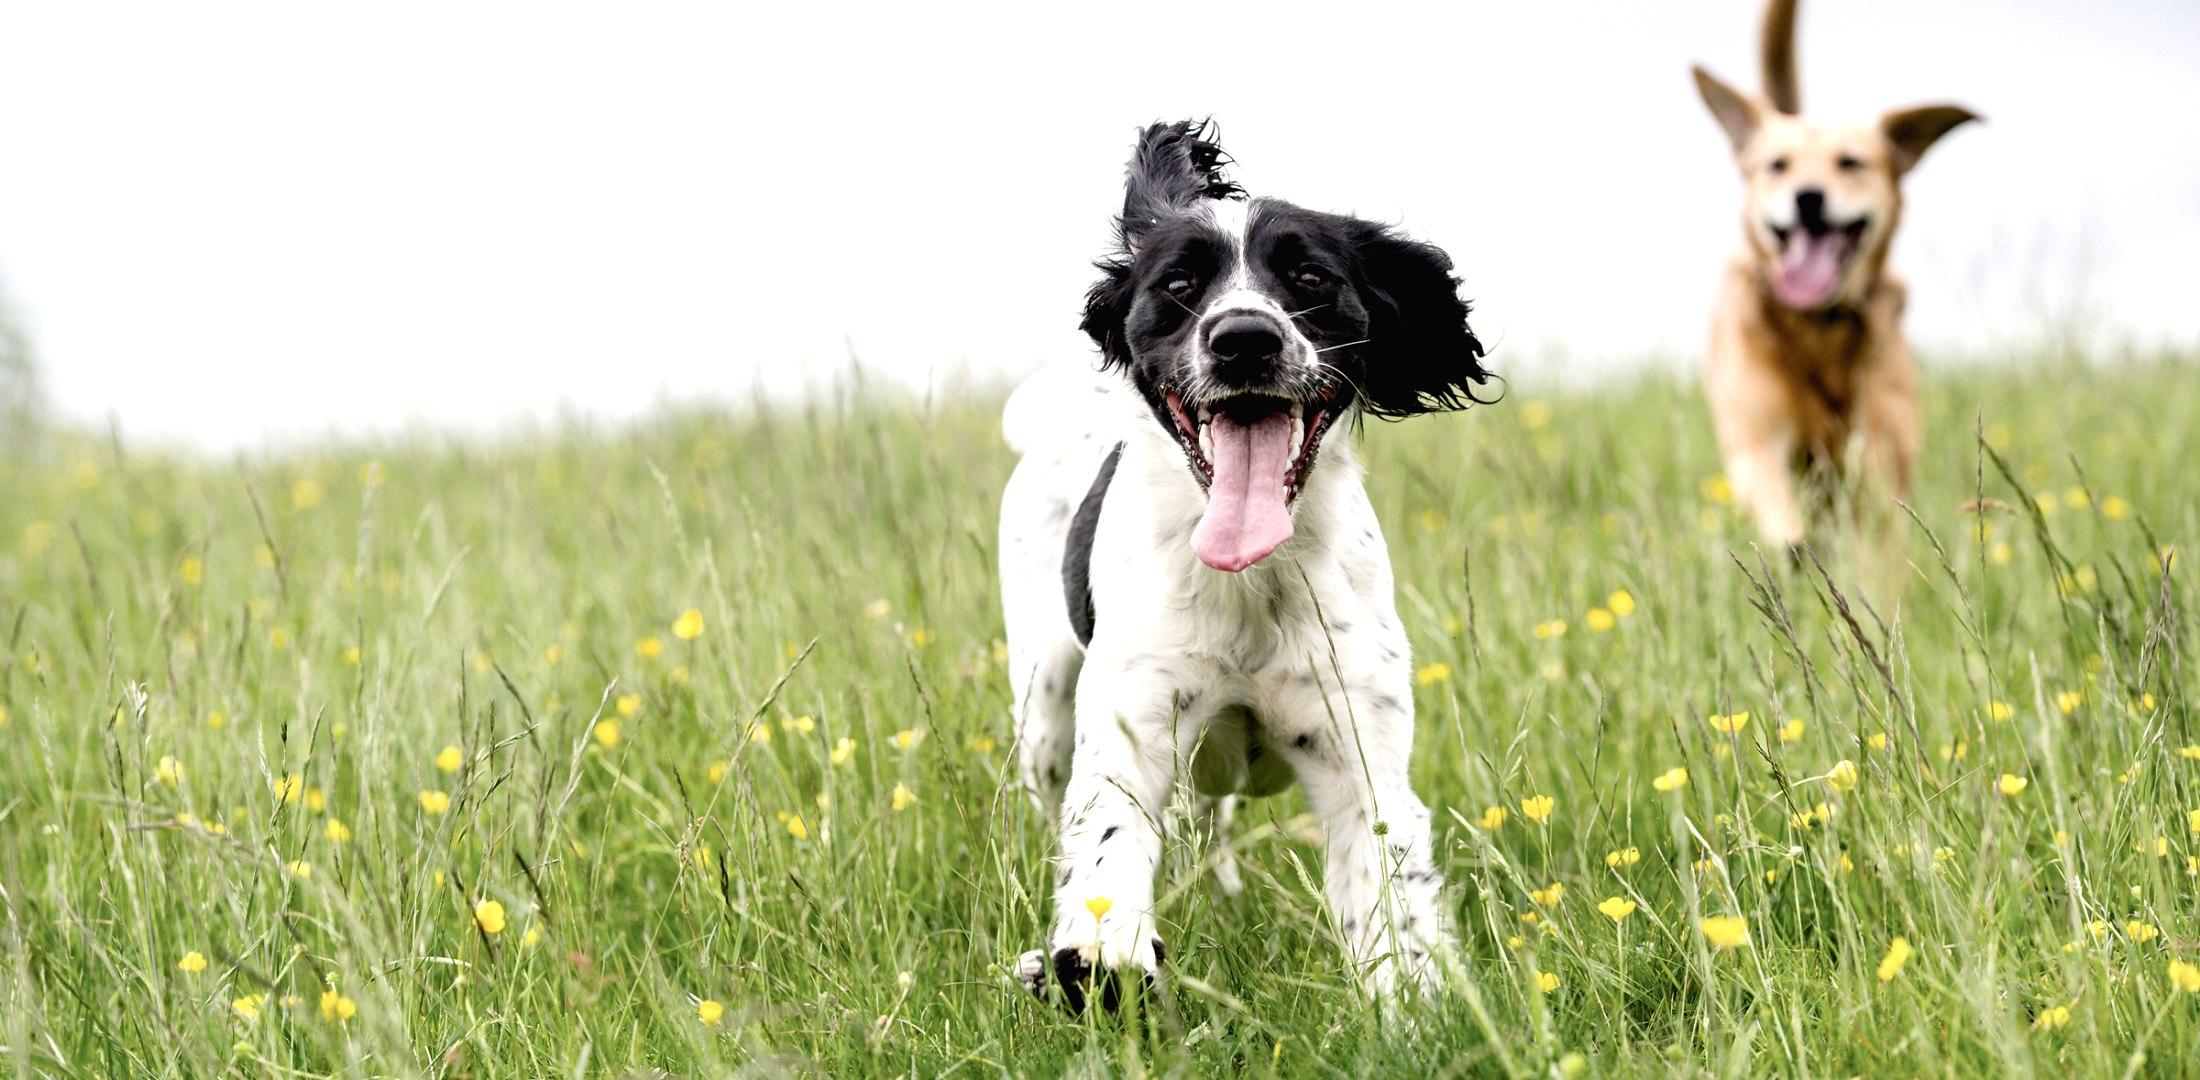 Hundeauslauf, © Shutterstock